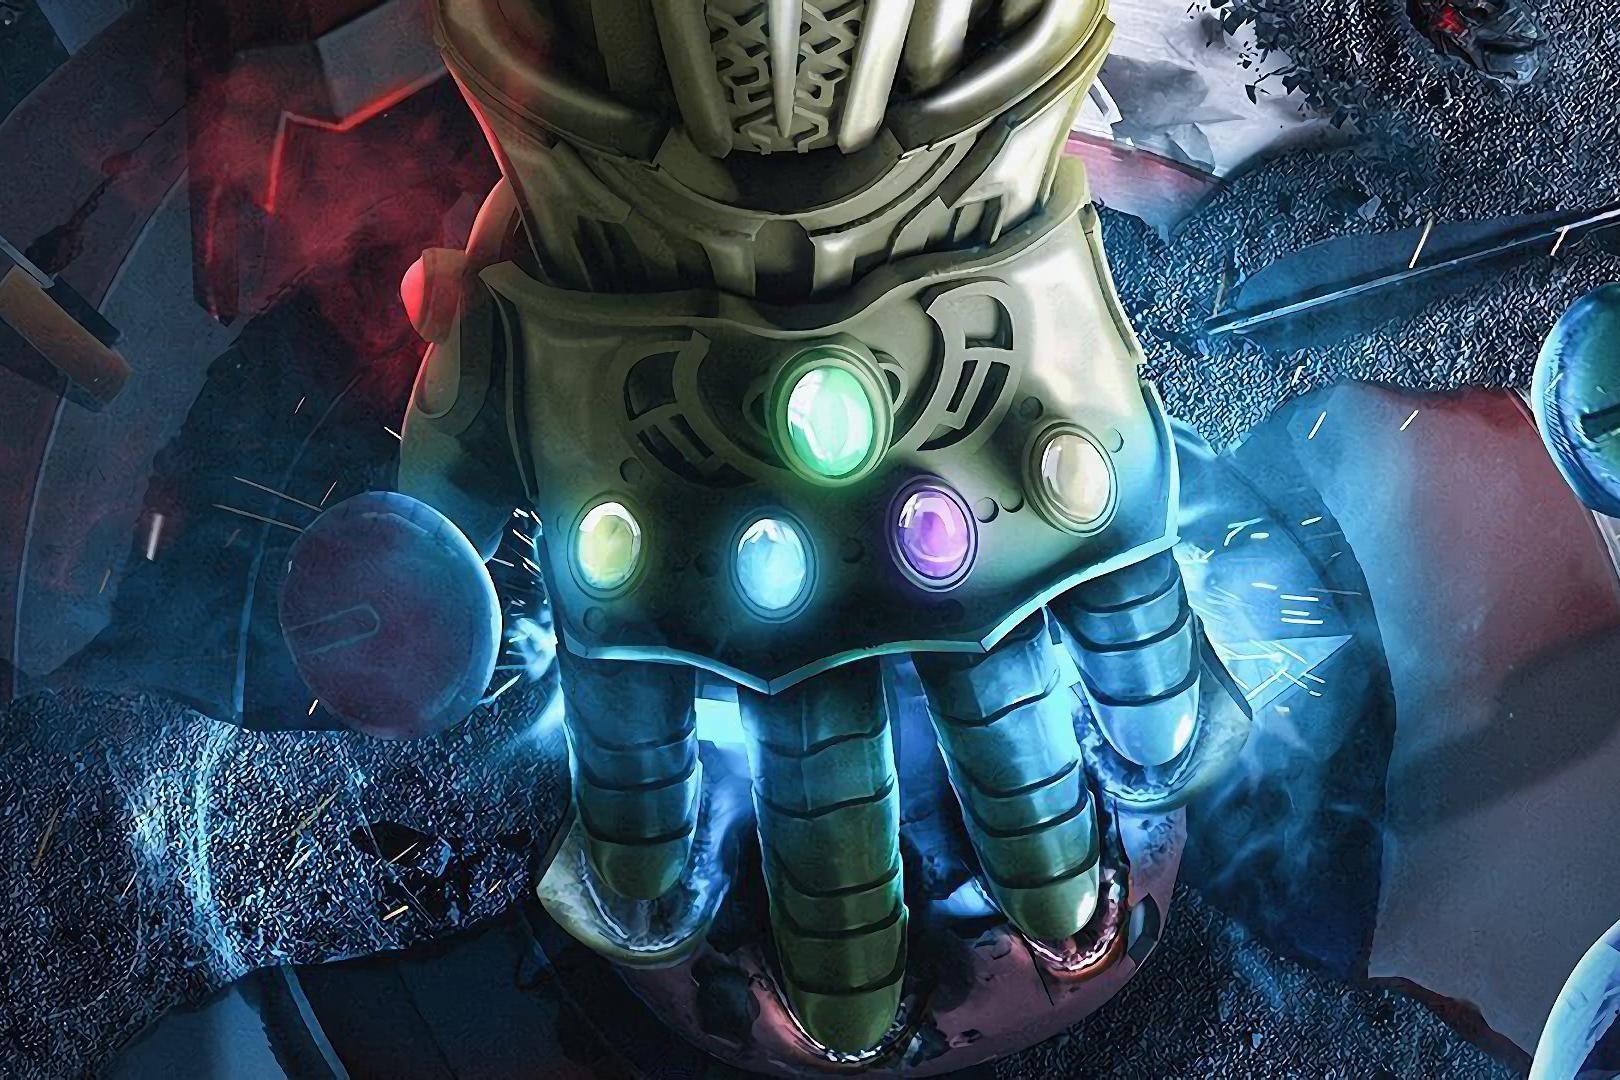 复仇者联盟3 集齐所有漫威英雄,为什么还不能打败灭霸